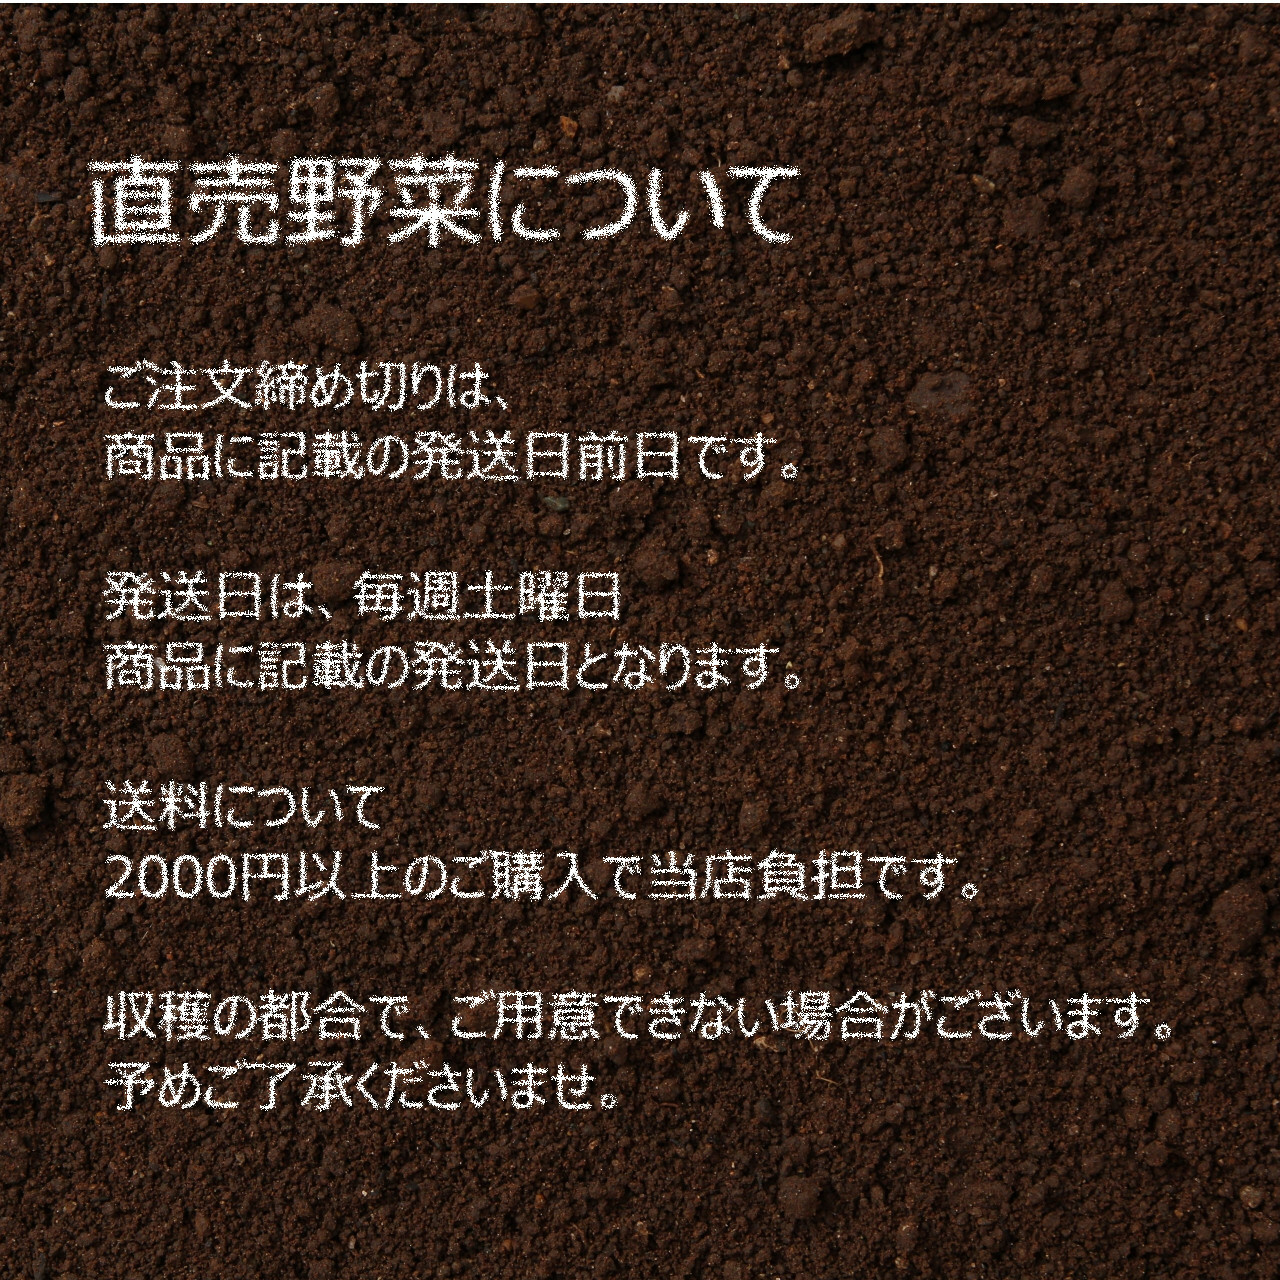 新鮮夏野菜 : インゲン 約150g 8月の朝採り直売野菜 8月31日発送予定